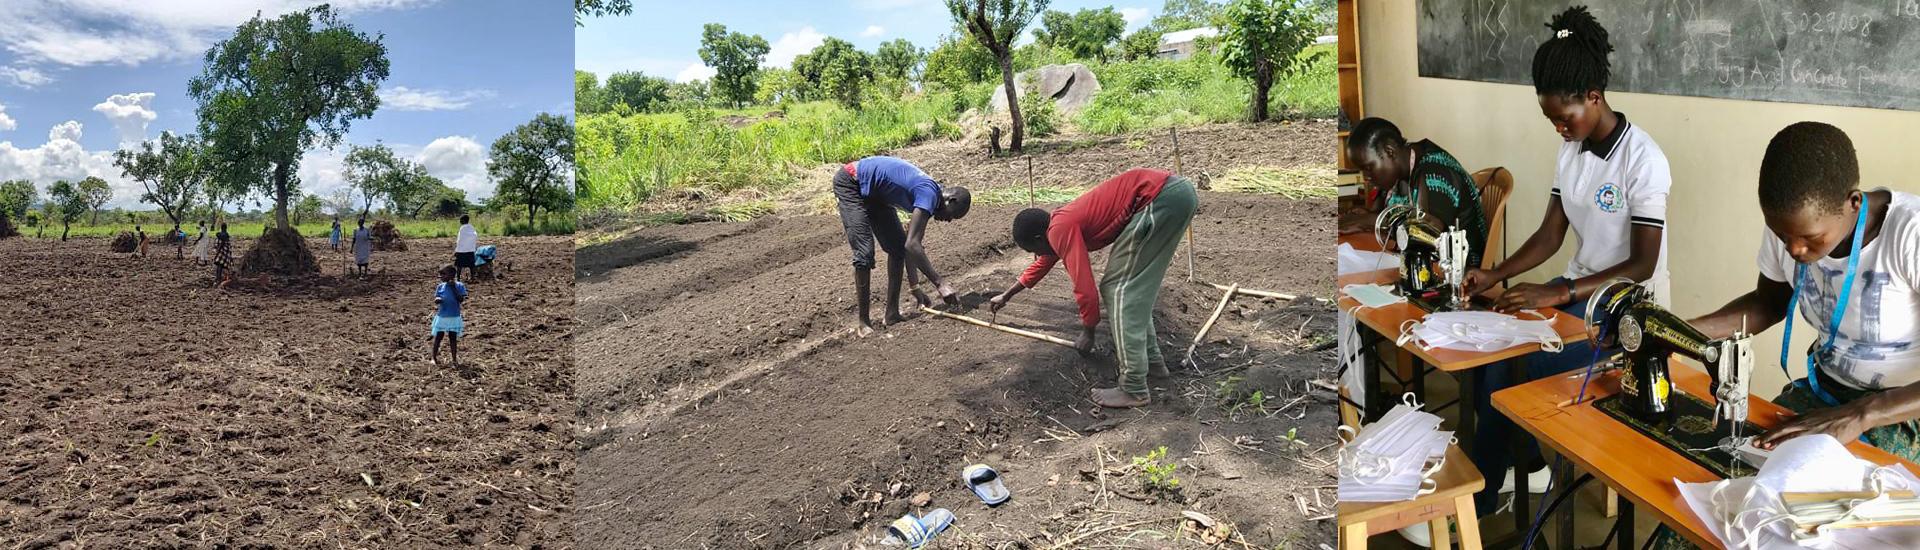 Aislamiento y escasez de alimentos para los refugiados de Palabek (Uganda) por el coronavirus